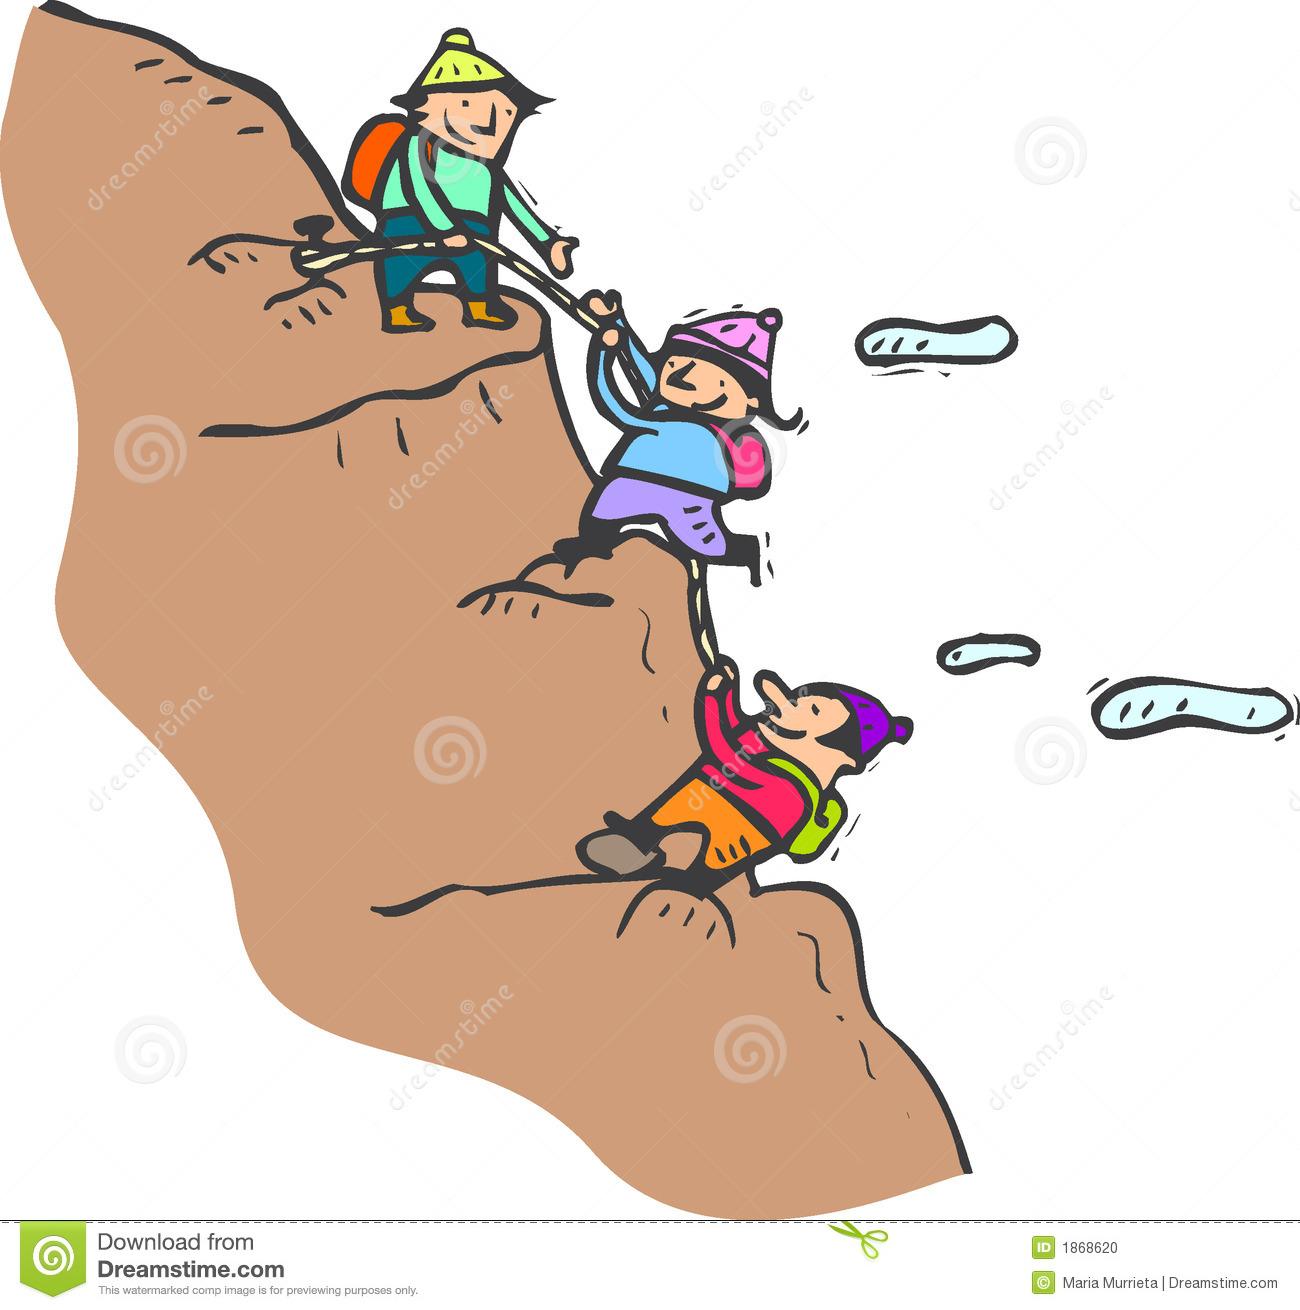 Climbing Up a Mountain Clip Art.